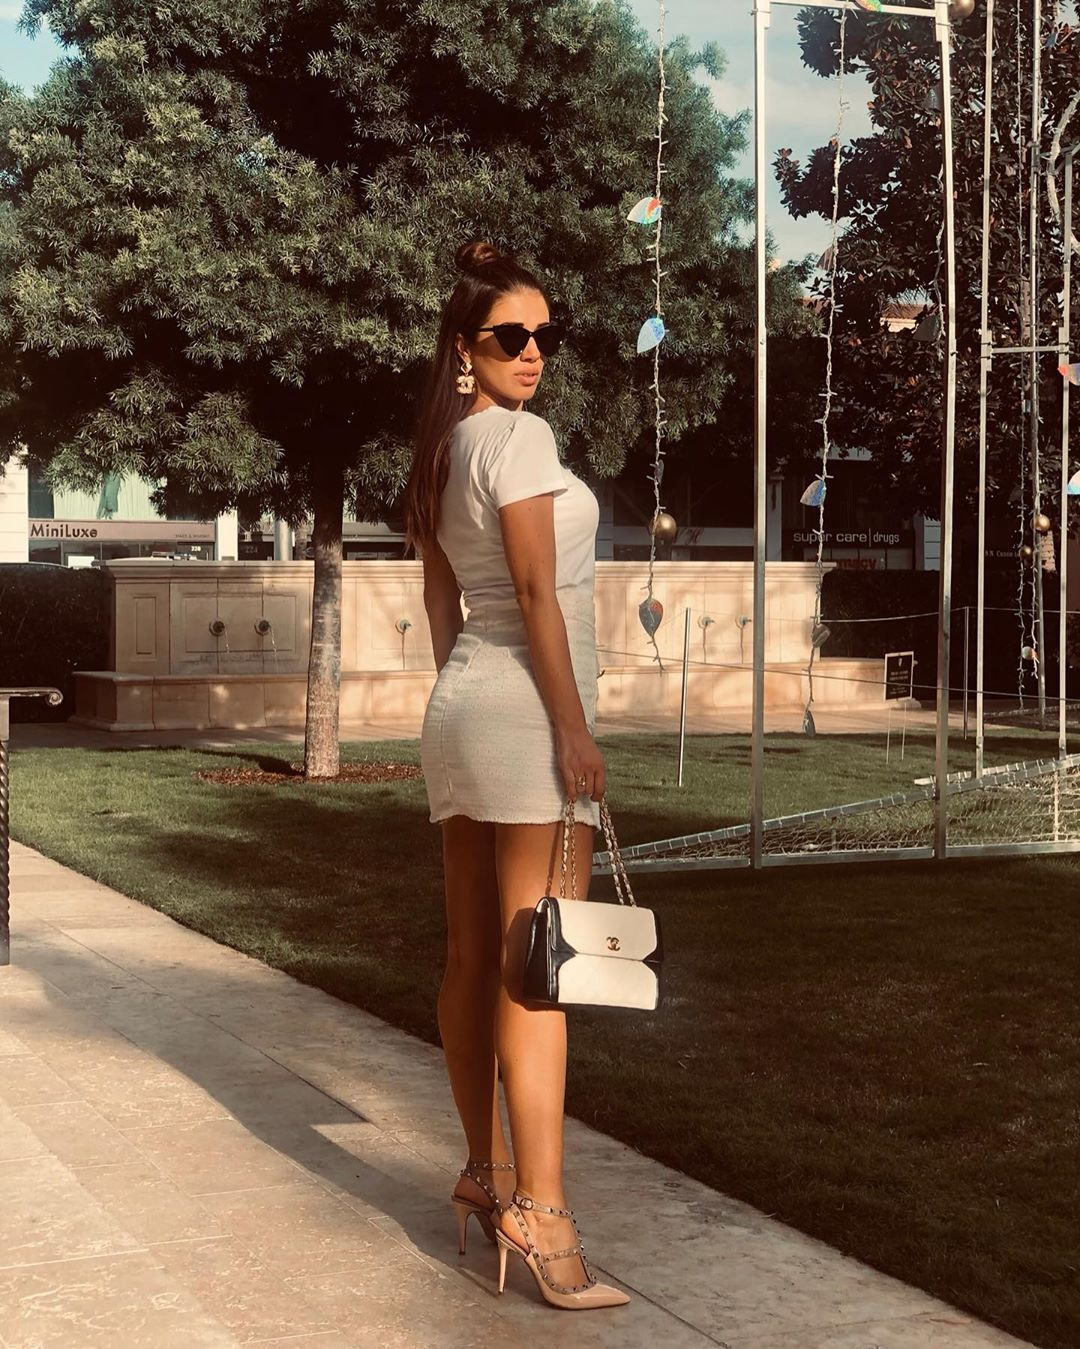 Eleonora-Boi-Wallpapers-Insta-Fit-Bio-19